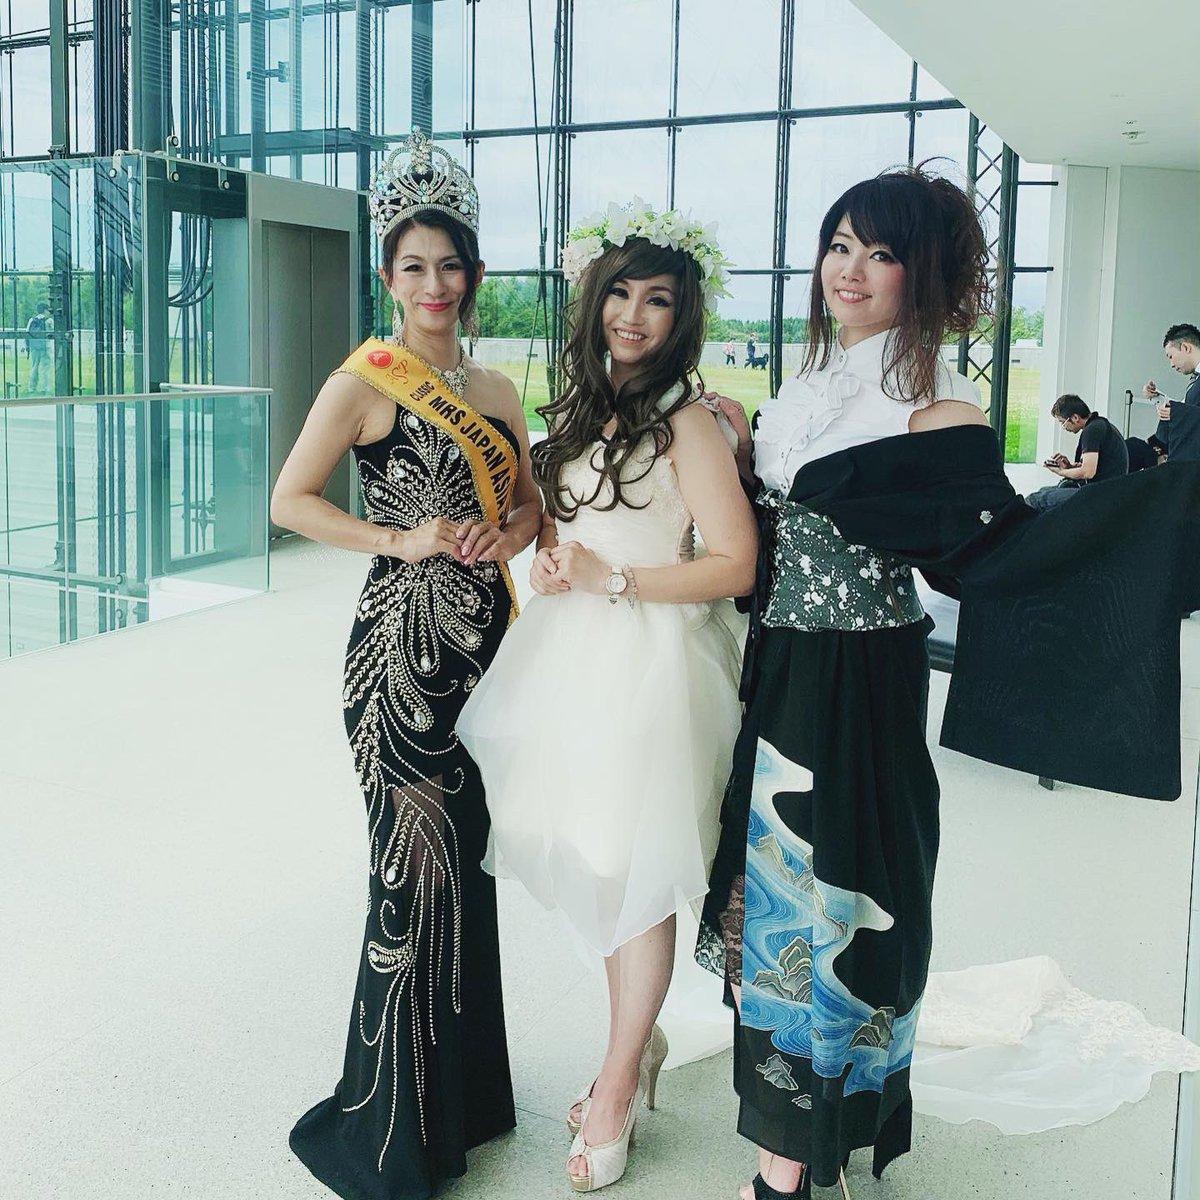 ドレスプロジェクト第5弾 「カーニバル」  司会進行させていただきました😊  教師が主催の想いのこもったイベント👗  本当に素敵なイベントでした😊 #イサムノグチ #モエレ沼公園 #ガラスのピラミッド